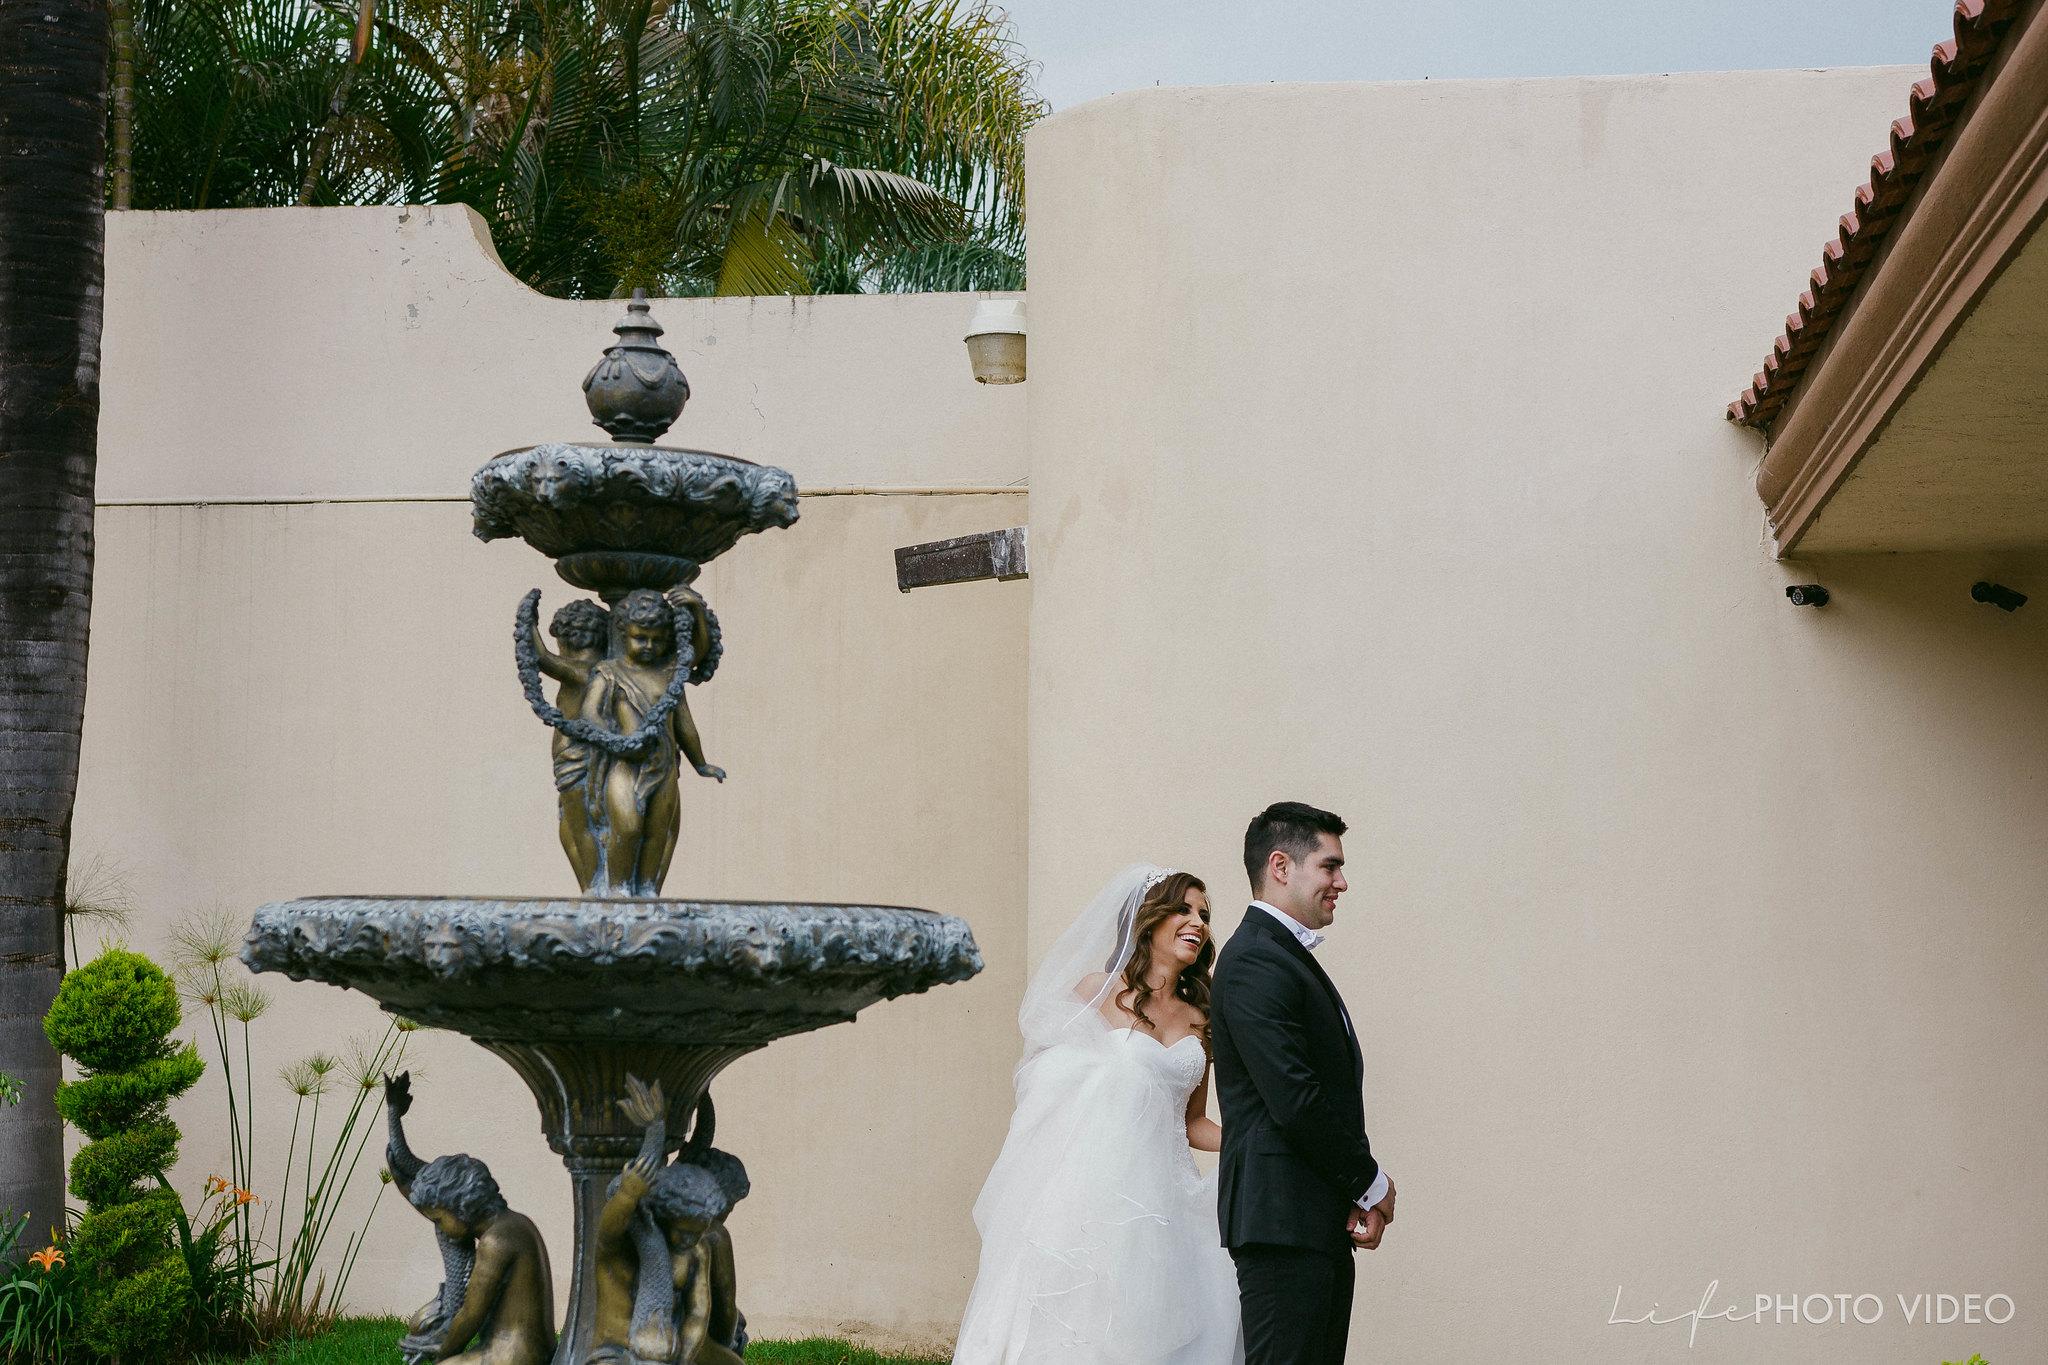 Boda_LeonGto_Wedding_LifePhotoVideo_0012.jpg